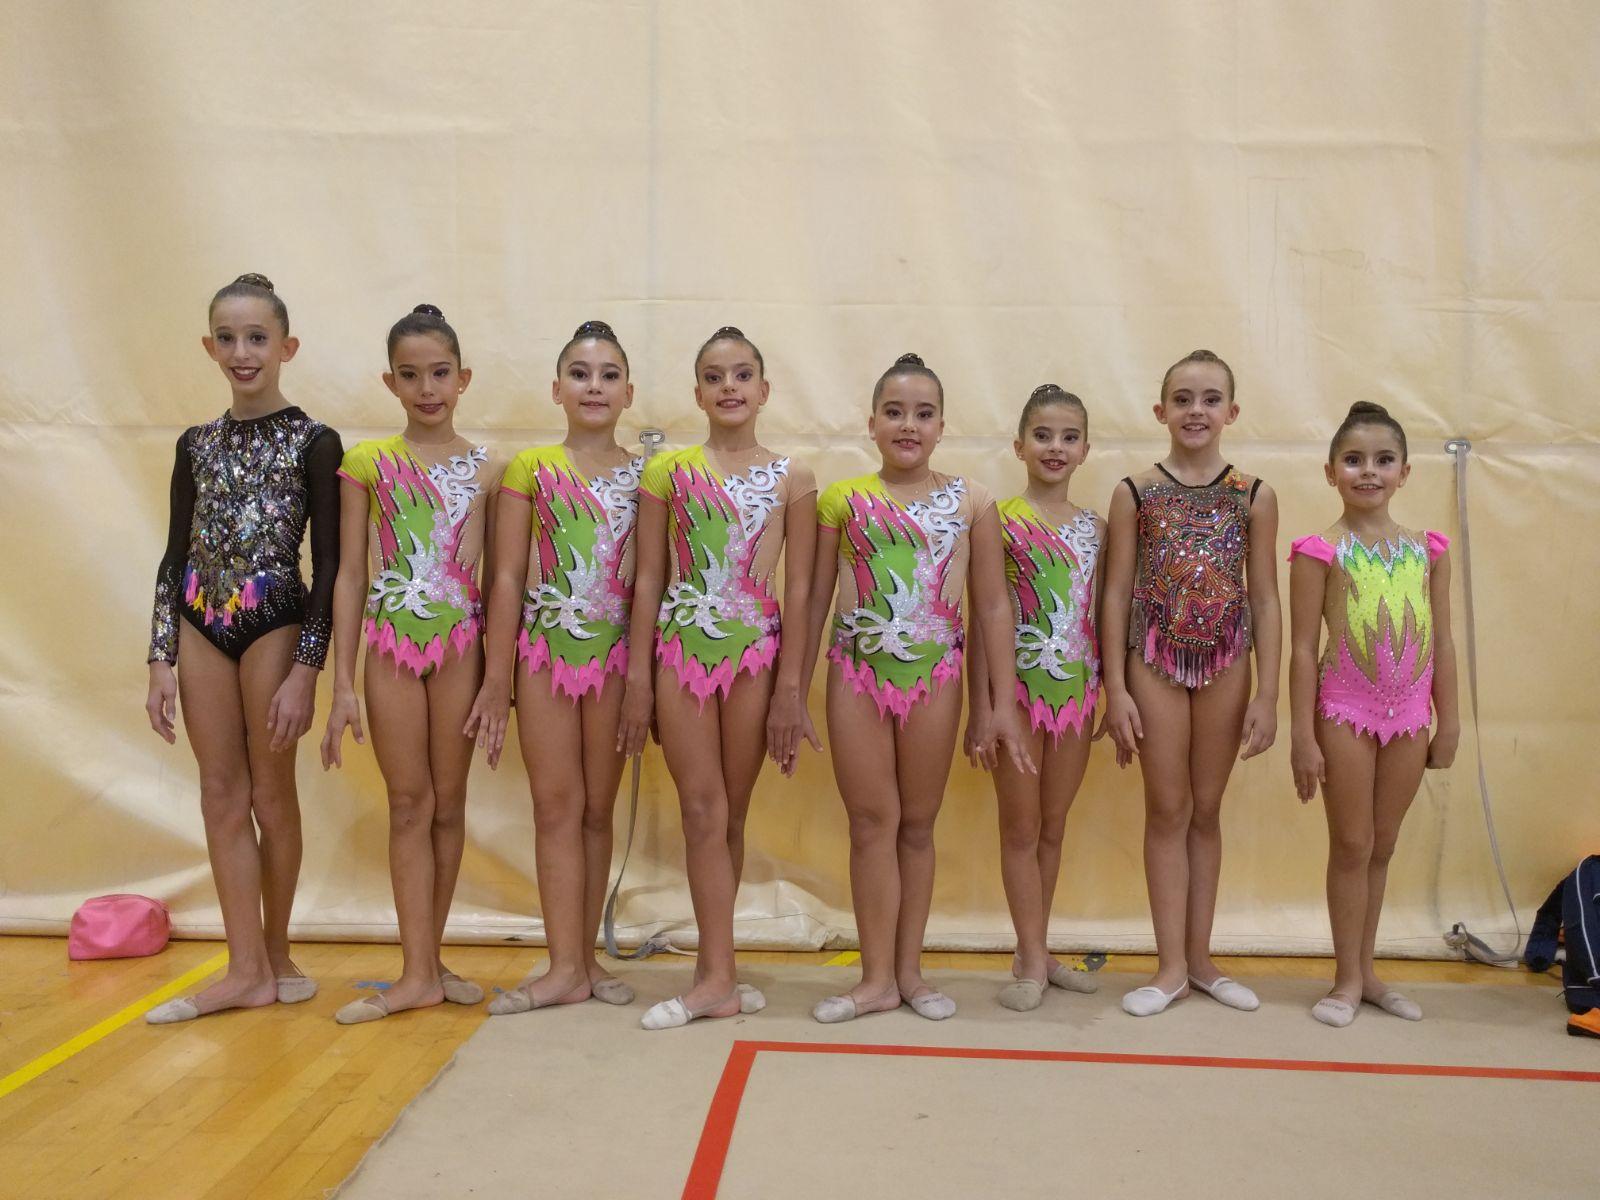 Las jóvenes atletas del Club de Gimnasia Rítmica de Buñol-Turís participantes en el torneo.